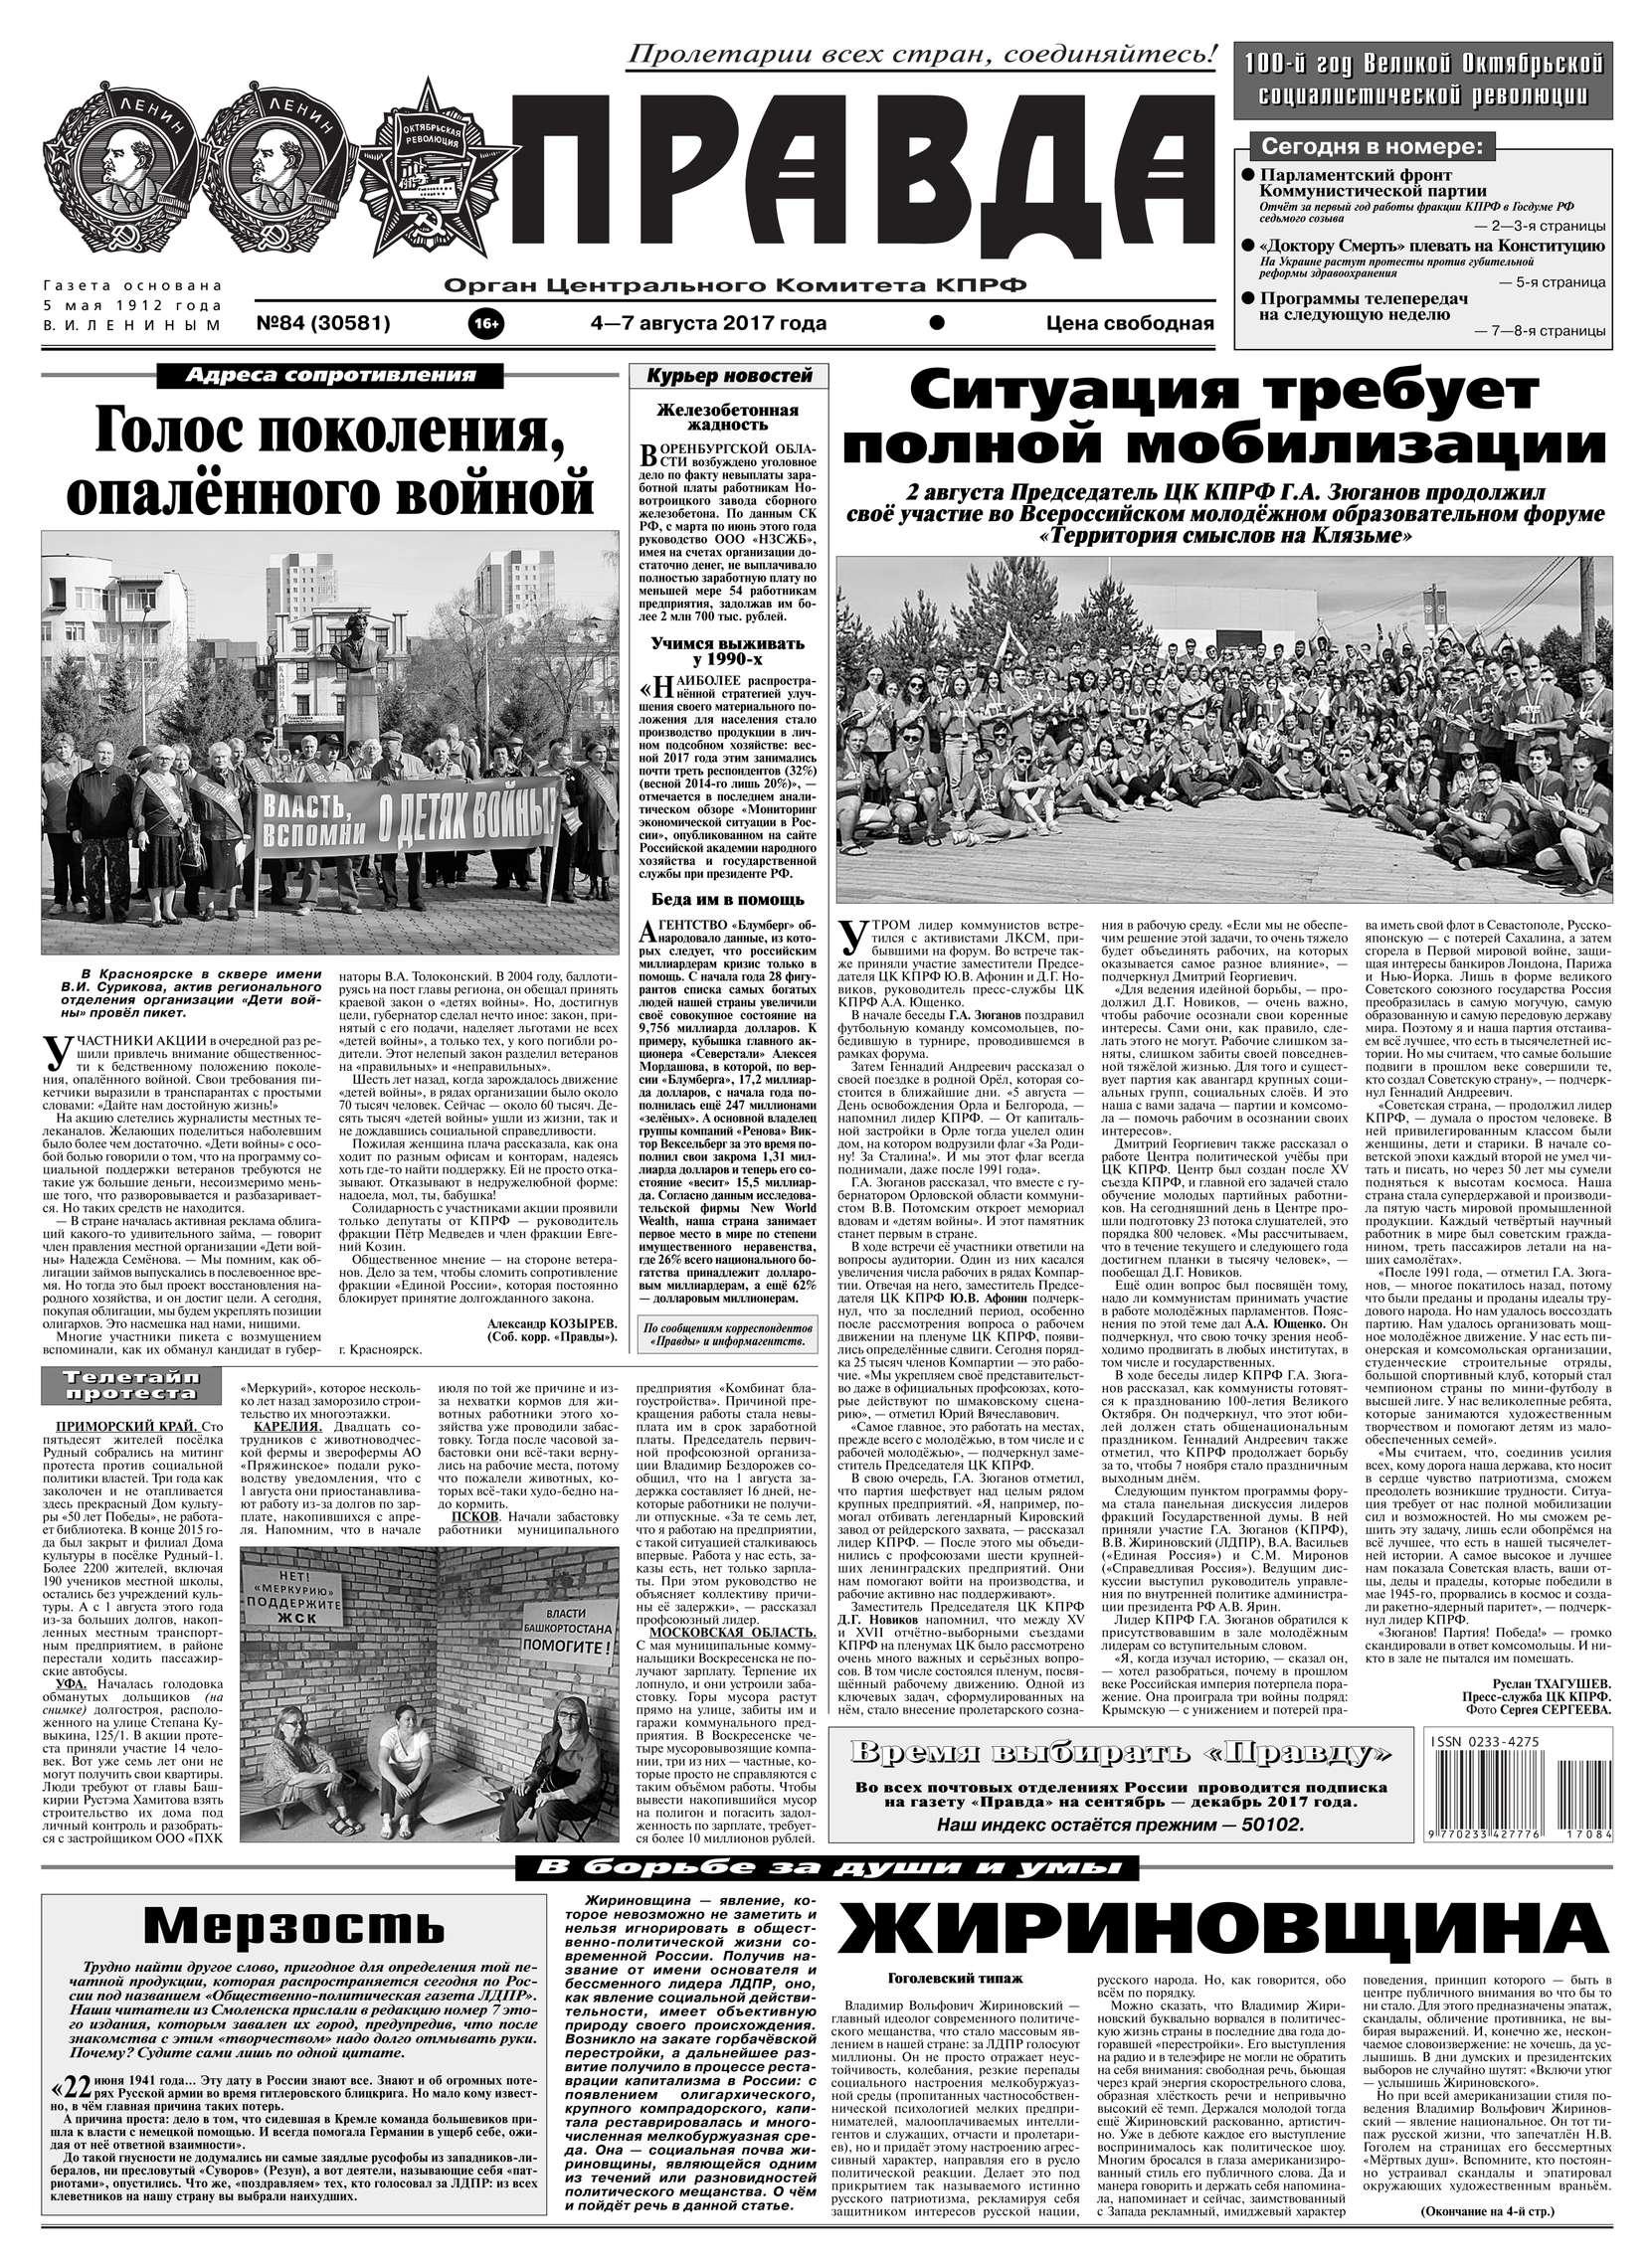 Редакция газеты Правда Правда 84-2017 редакция газеты новая газета новая газета 95 2017